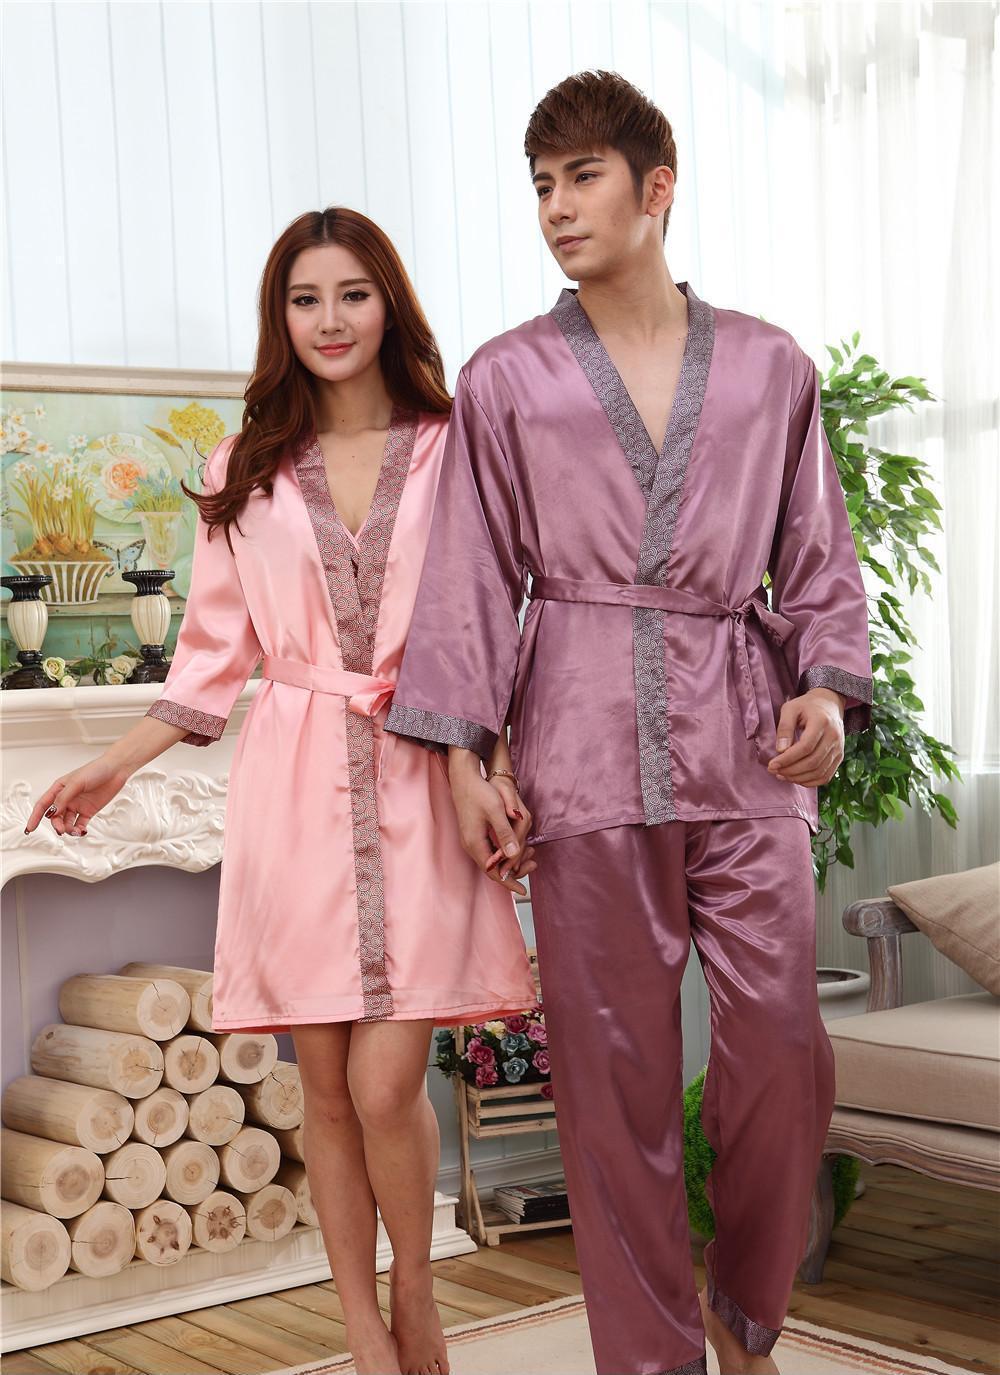 新款情侣睡衣长袖春秋彷真丝绸结婚庆红色睡衣男士女士套装家居服